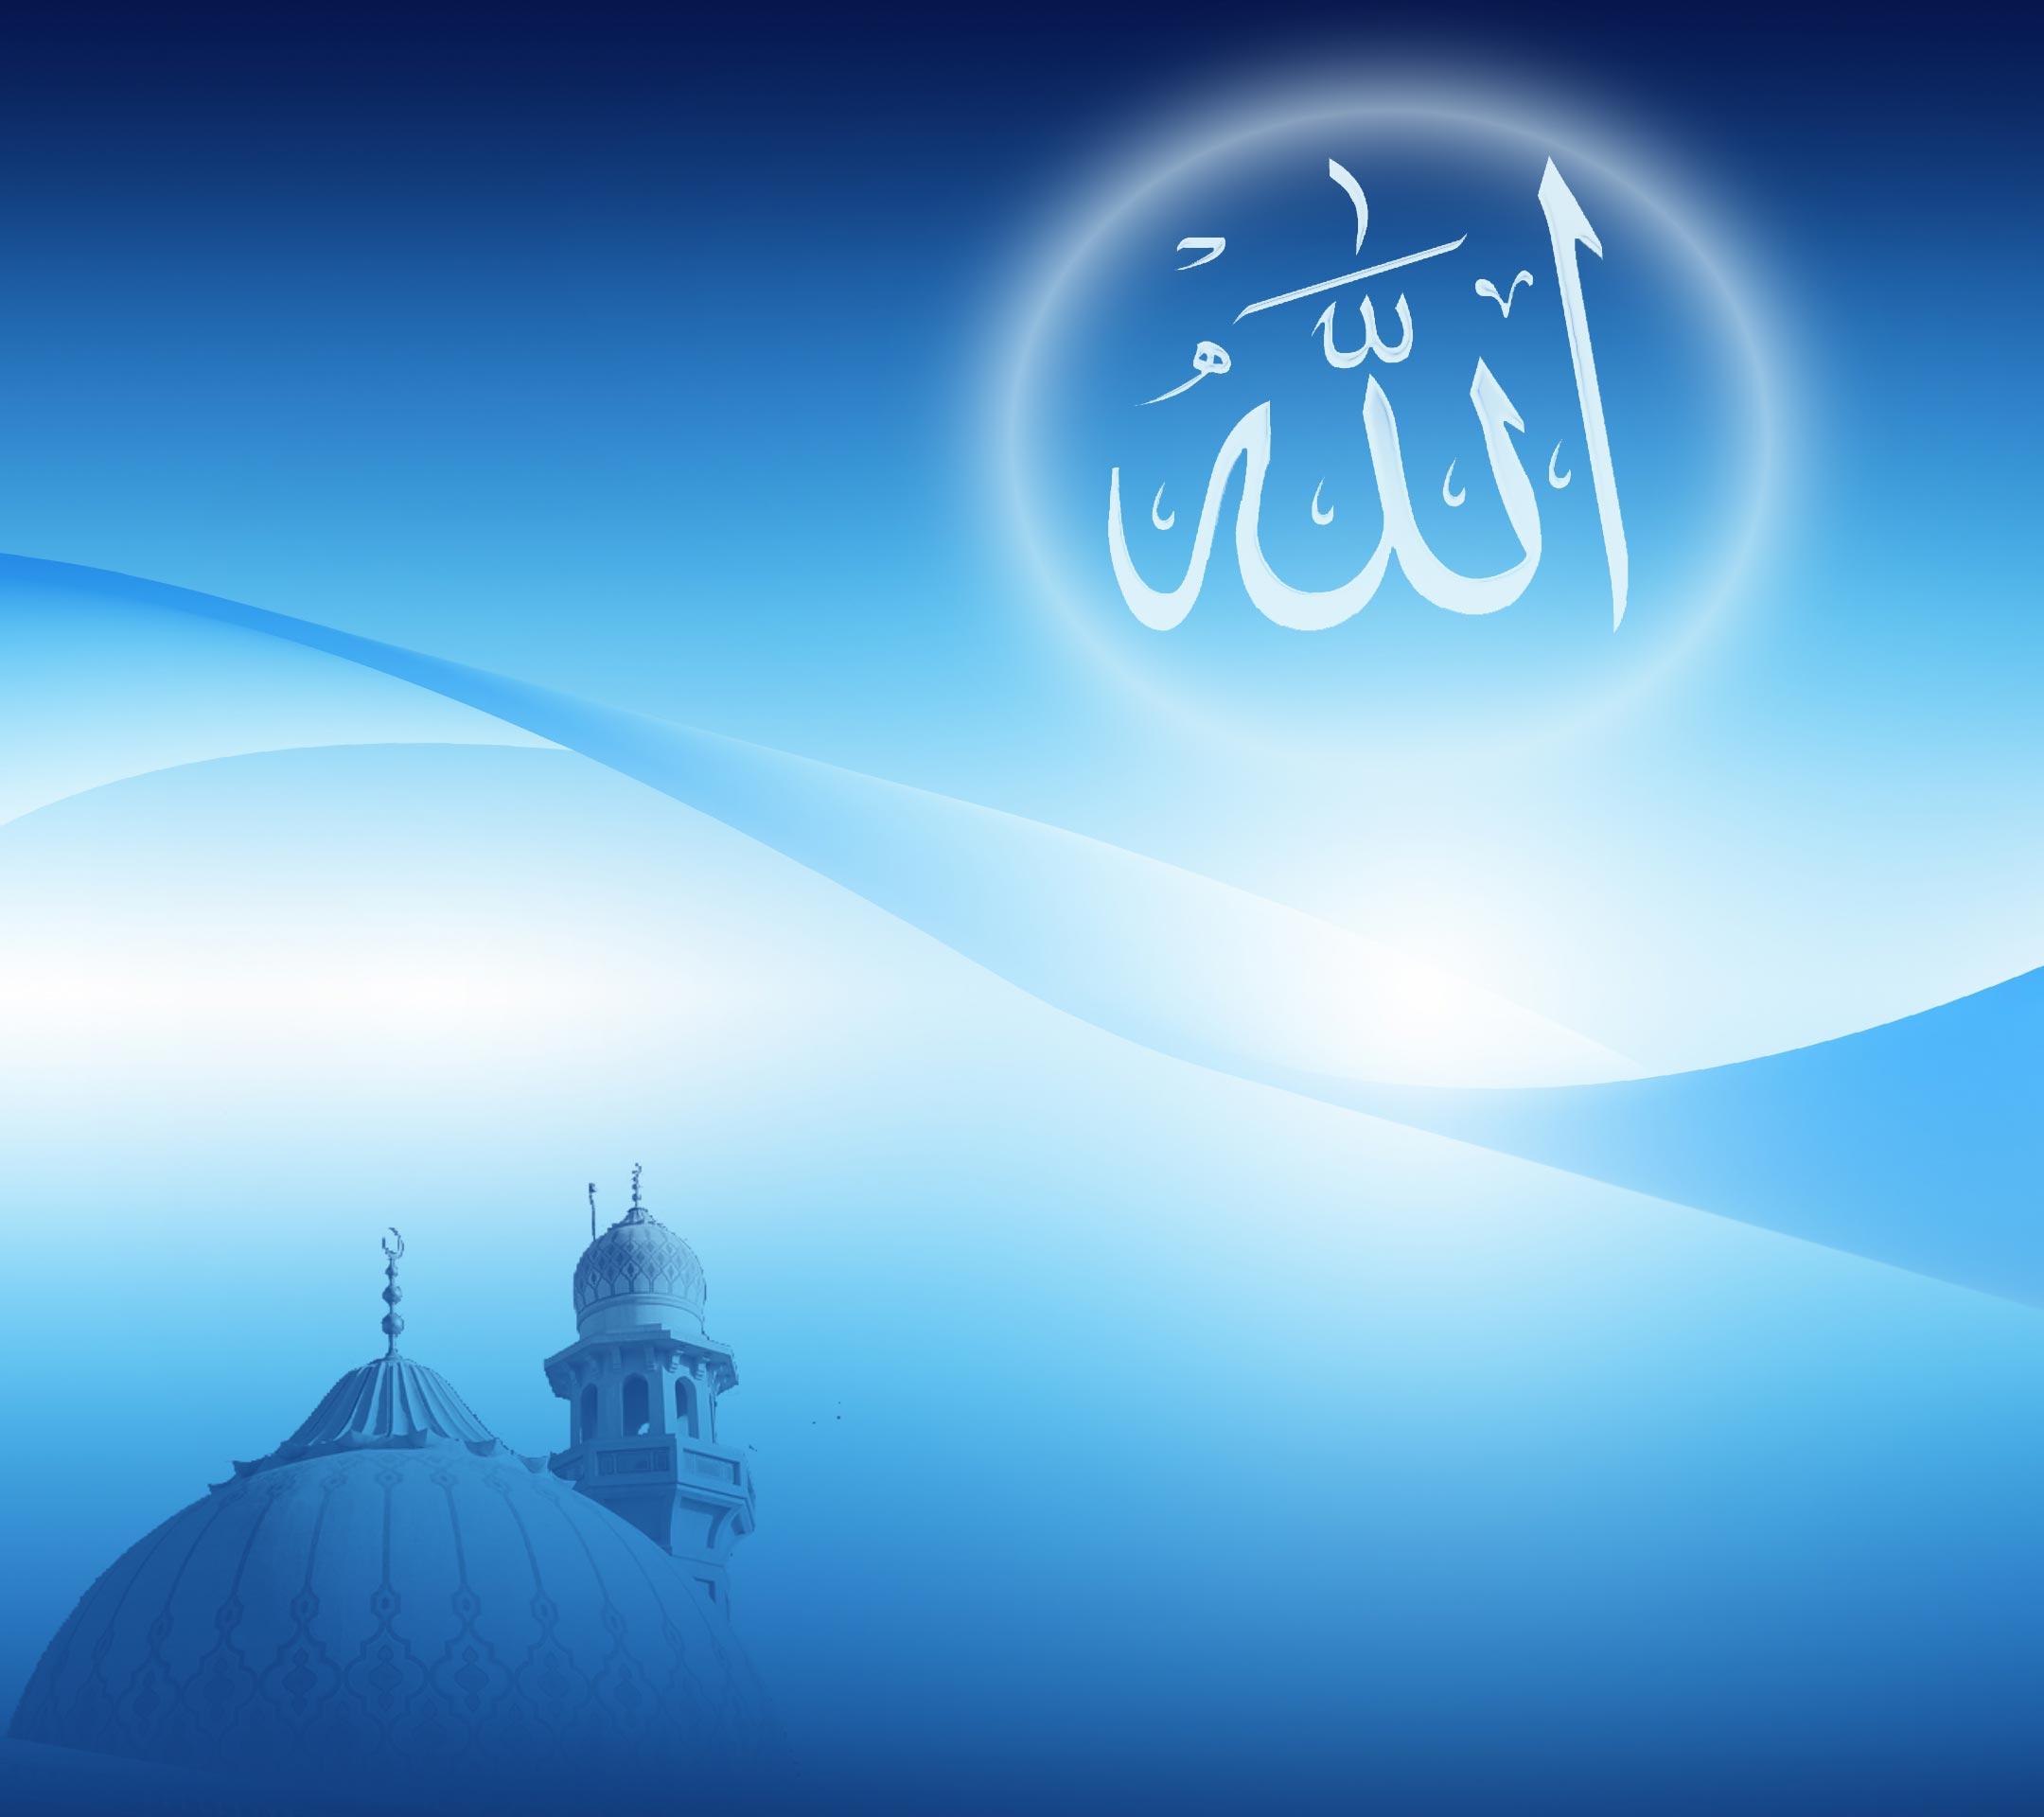 Dowloat Mp3 Meraih Bintang Versi Arab: Subhanallah… Beberapa Hal Menarik Tentang Islam